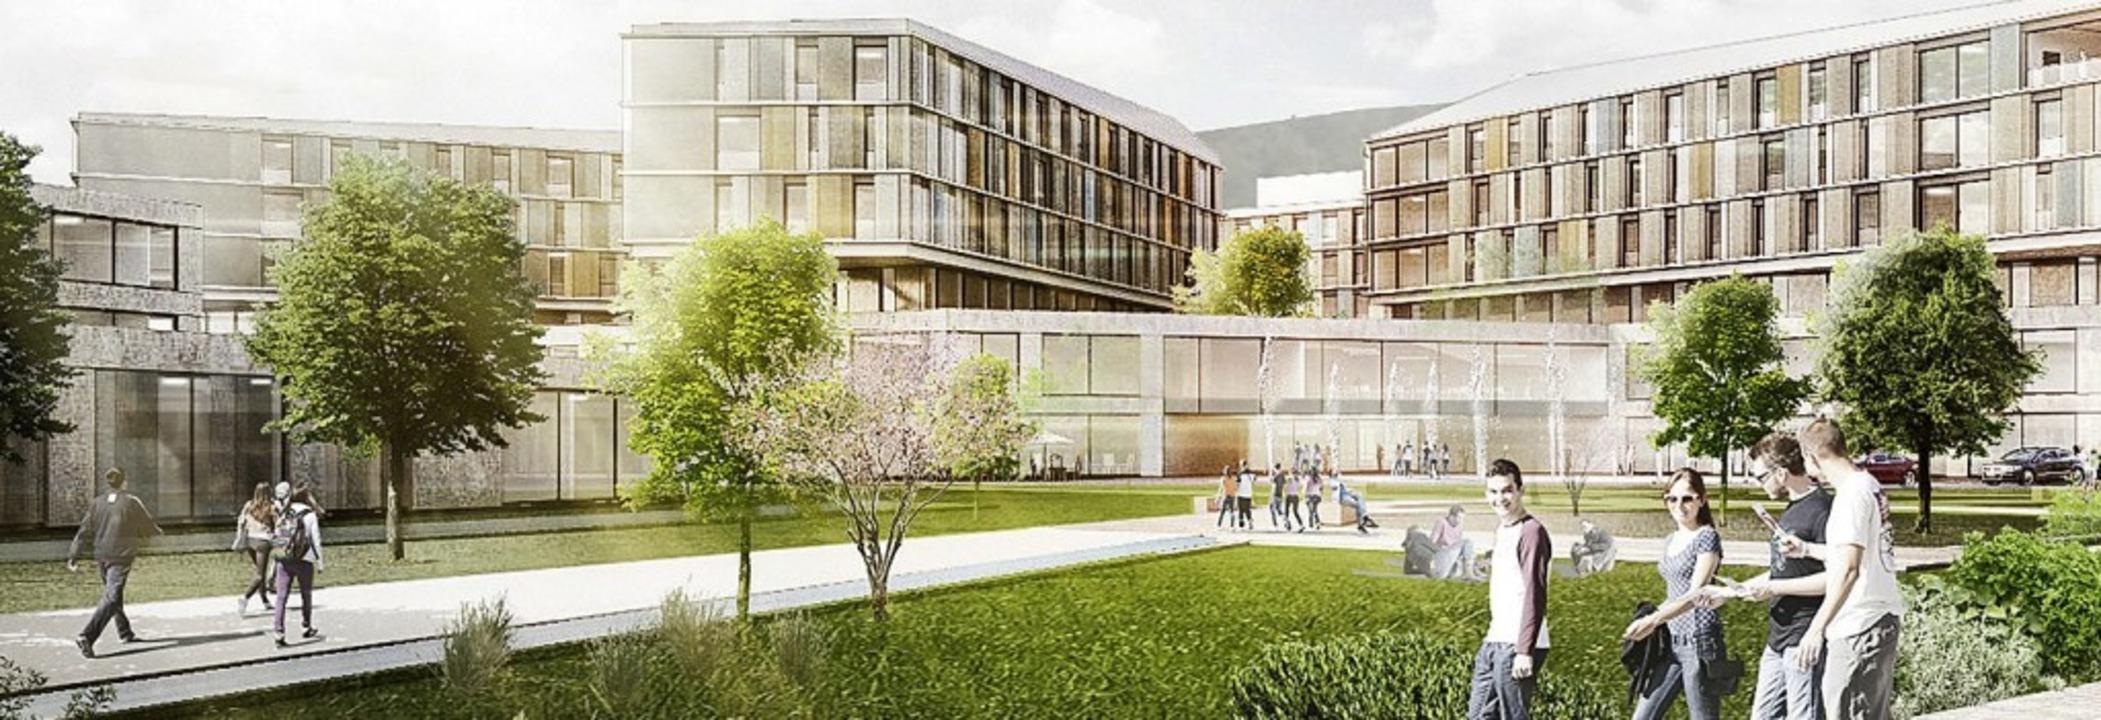 Bauherr des geplanten Zentralklinikums...aber letztlich der Landkreis Lörrach.     Foto: Visualisierung: a sharchitekten